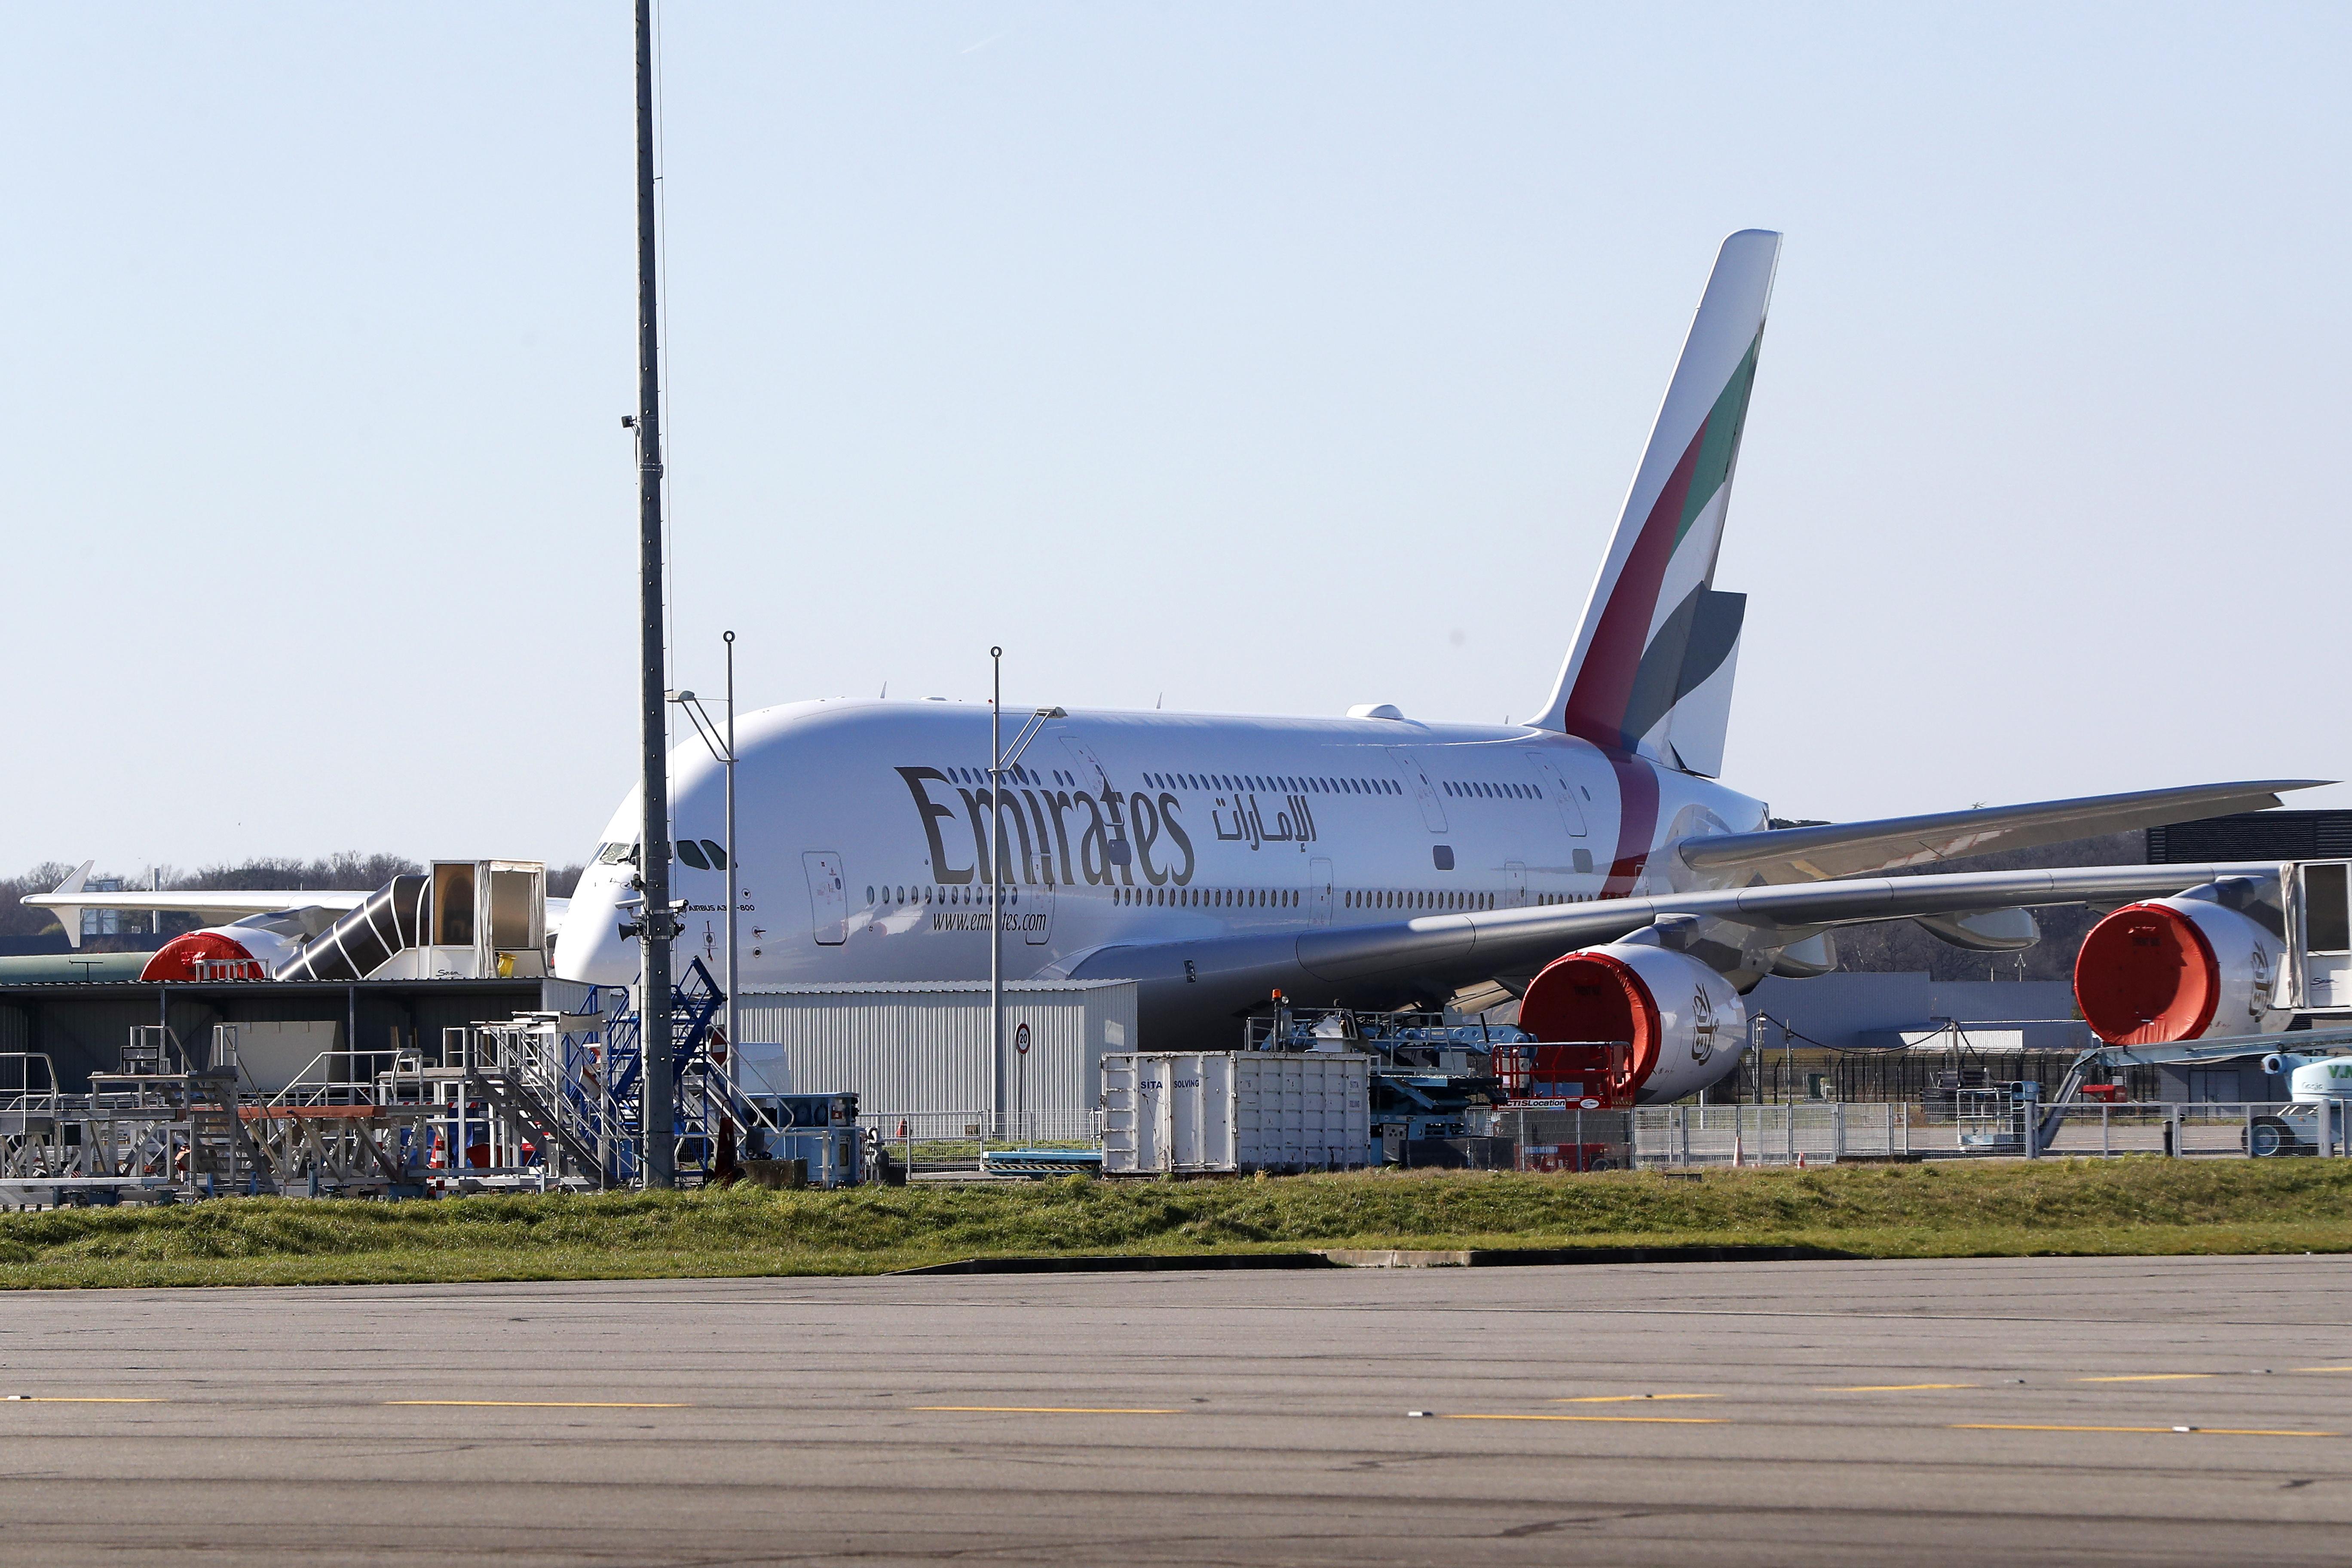 Еърбъс 380 е самолет с 4 двигателя и два етажа пътнически салони.